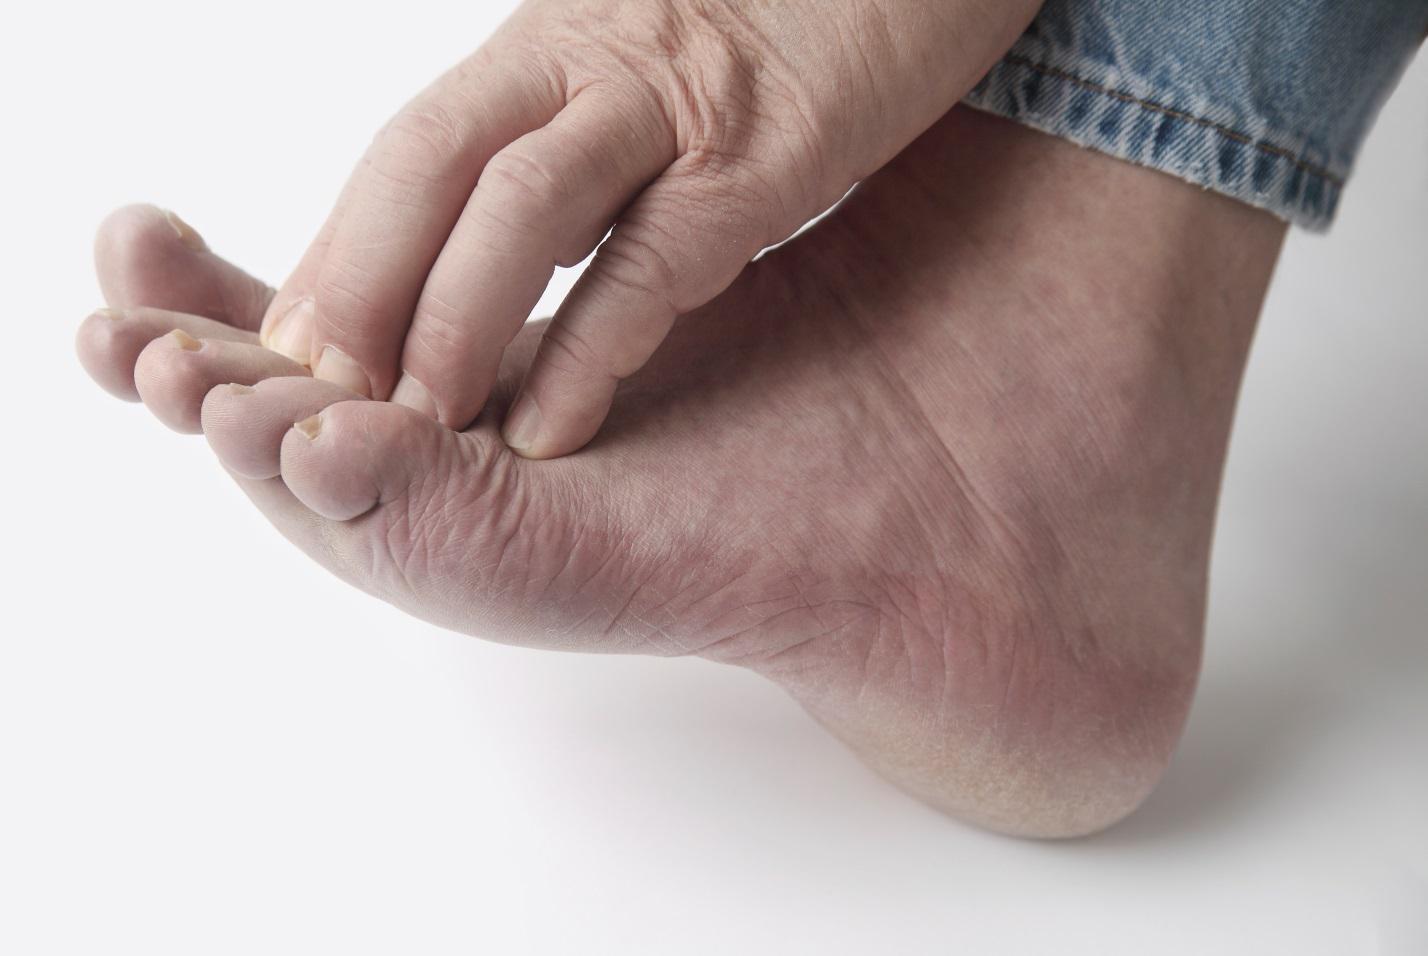 Грибок на ногах: чем лечить в домашних условиях?